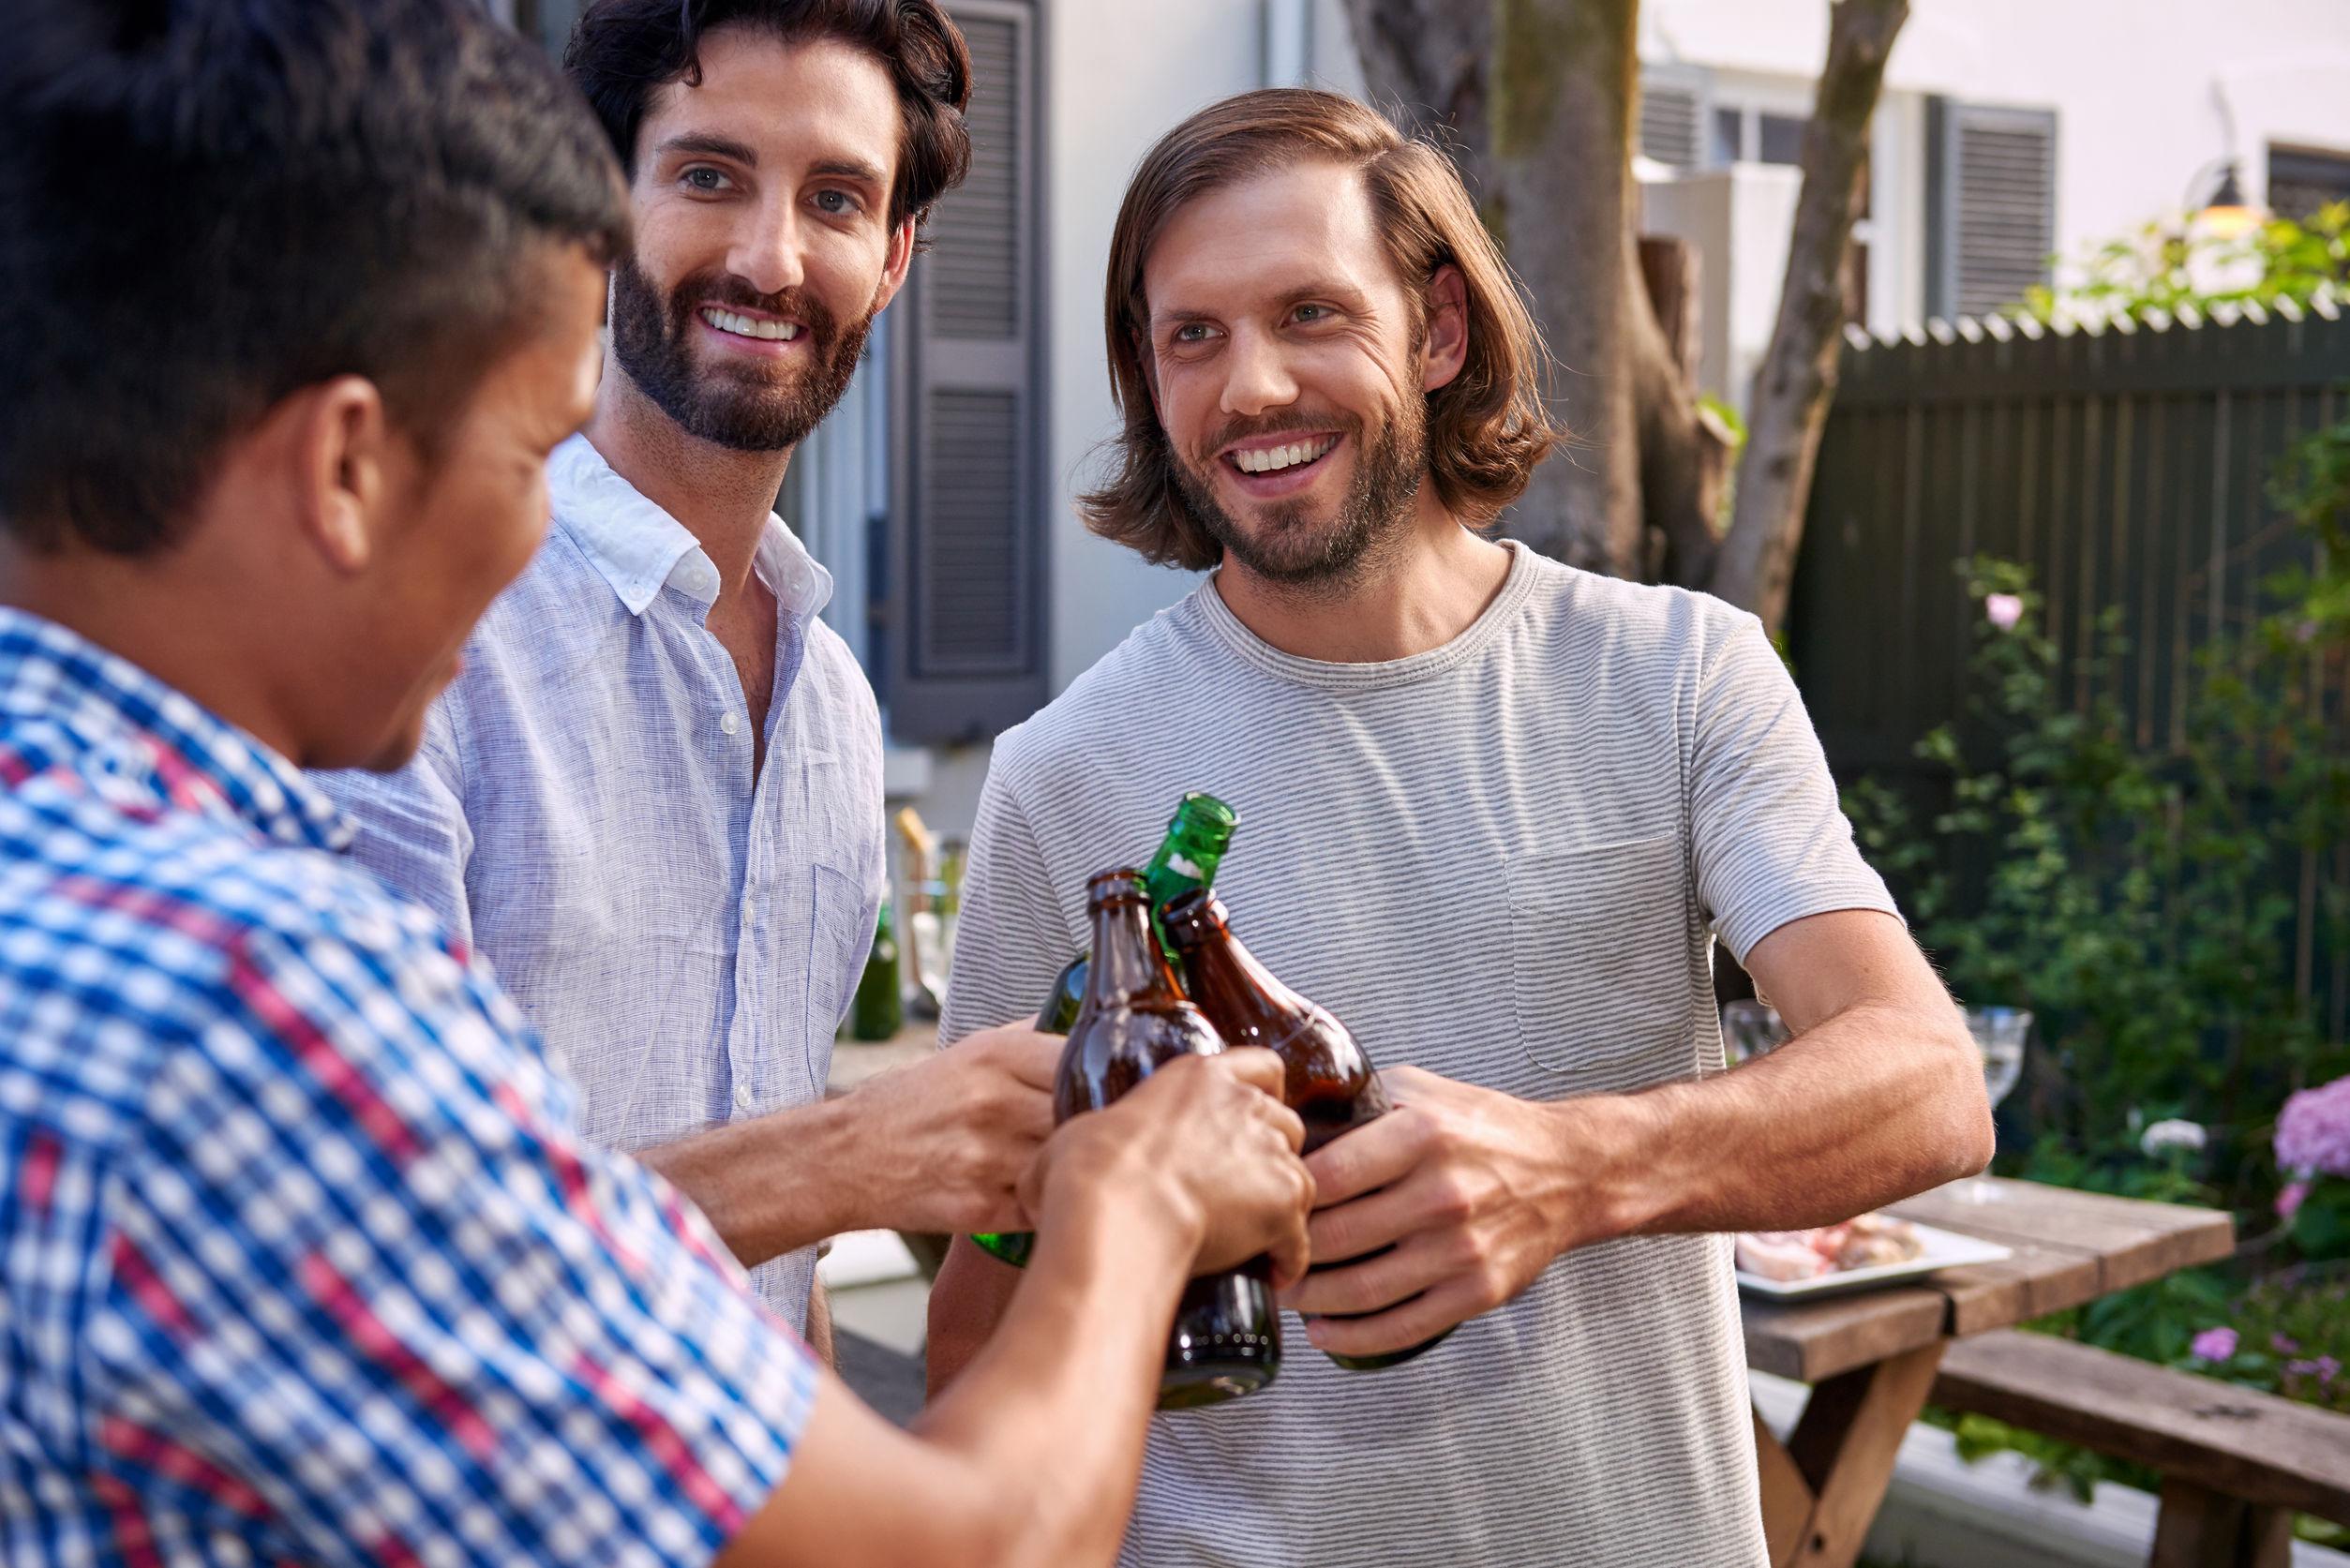 Manly men laughing at manly jokes.